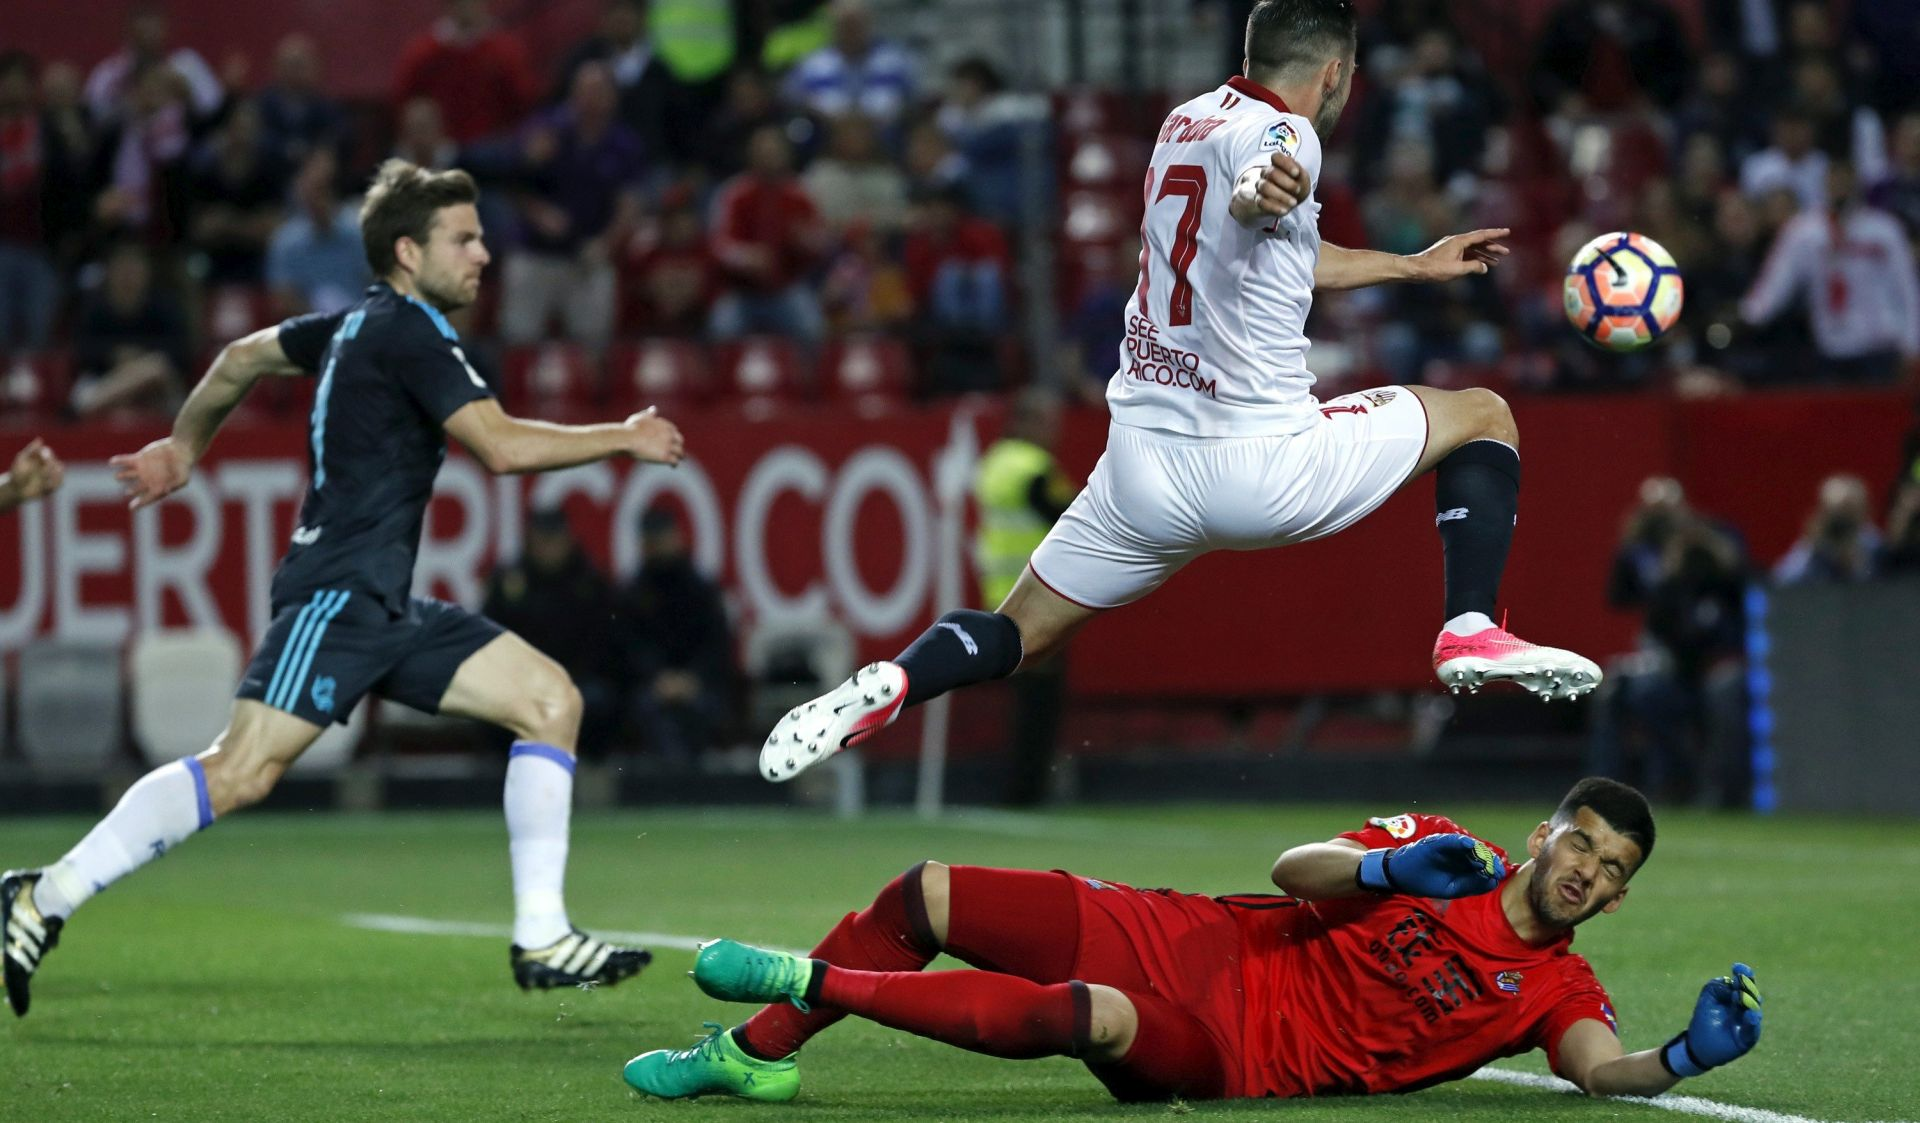 ŠPANJOLSKA Sevilla – Real Sociedad 1-1